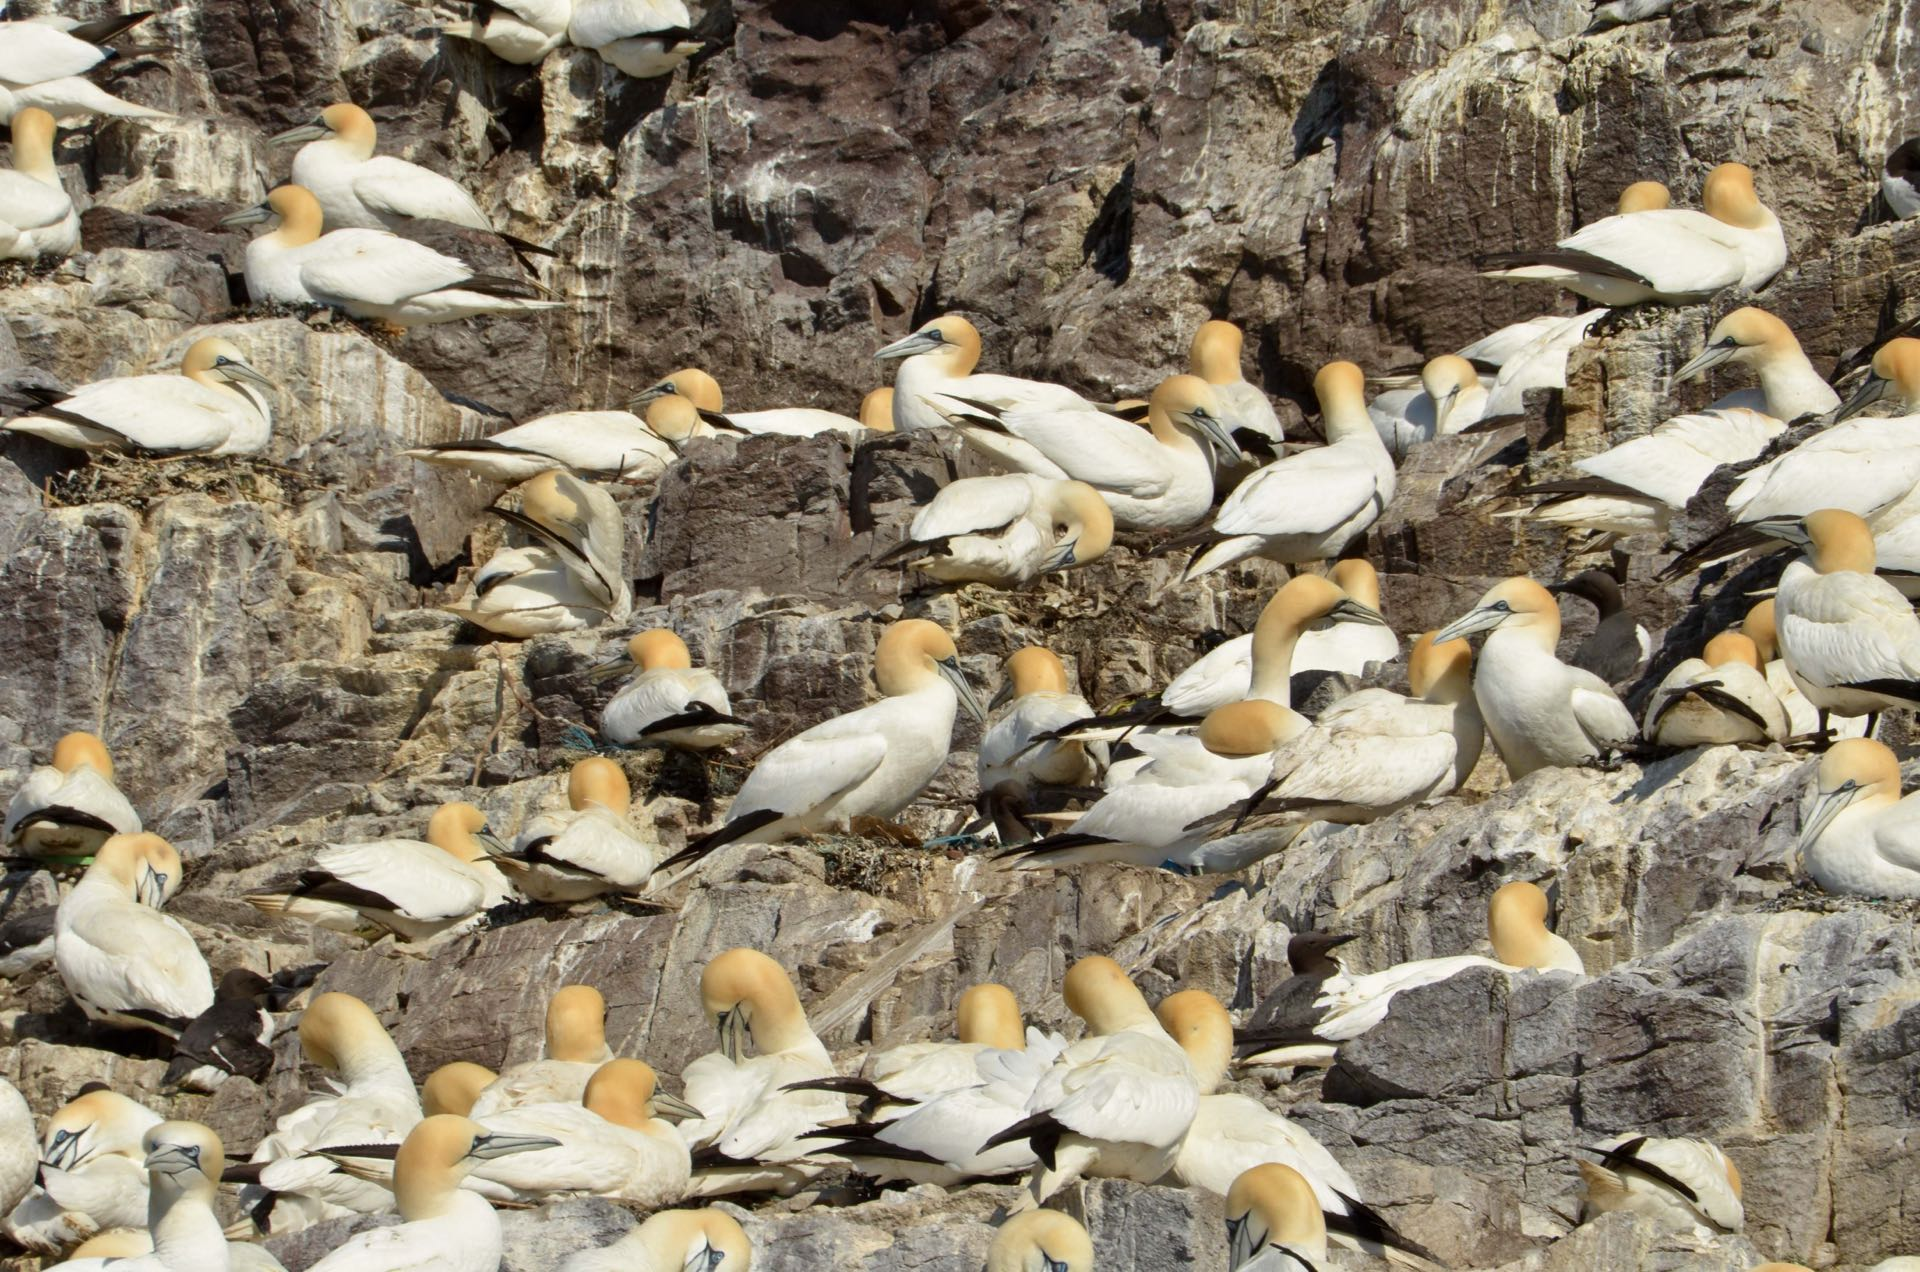 Suulat peittävät Bass Rockin kalliosaaren. Kuva: ©sk, Flickr.com CC BY-ND 2.0